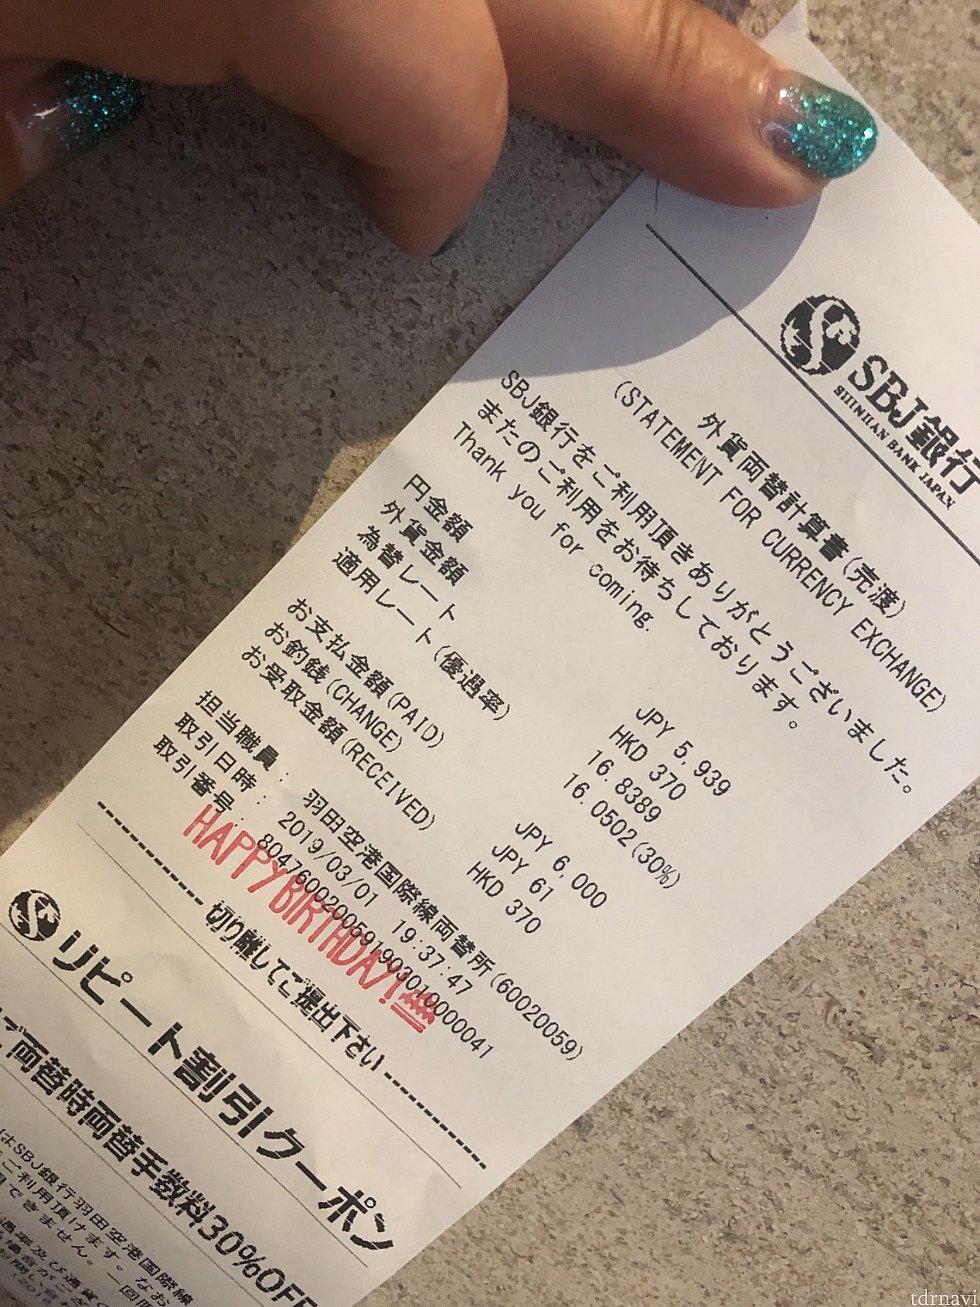 バースデー割引手数料30%オフで 6000円分だけ両替してみました❣️